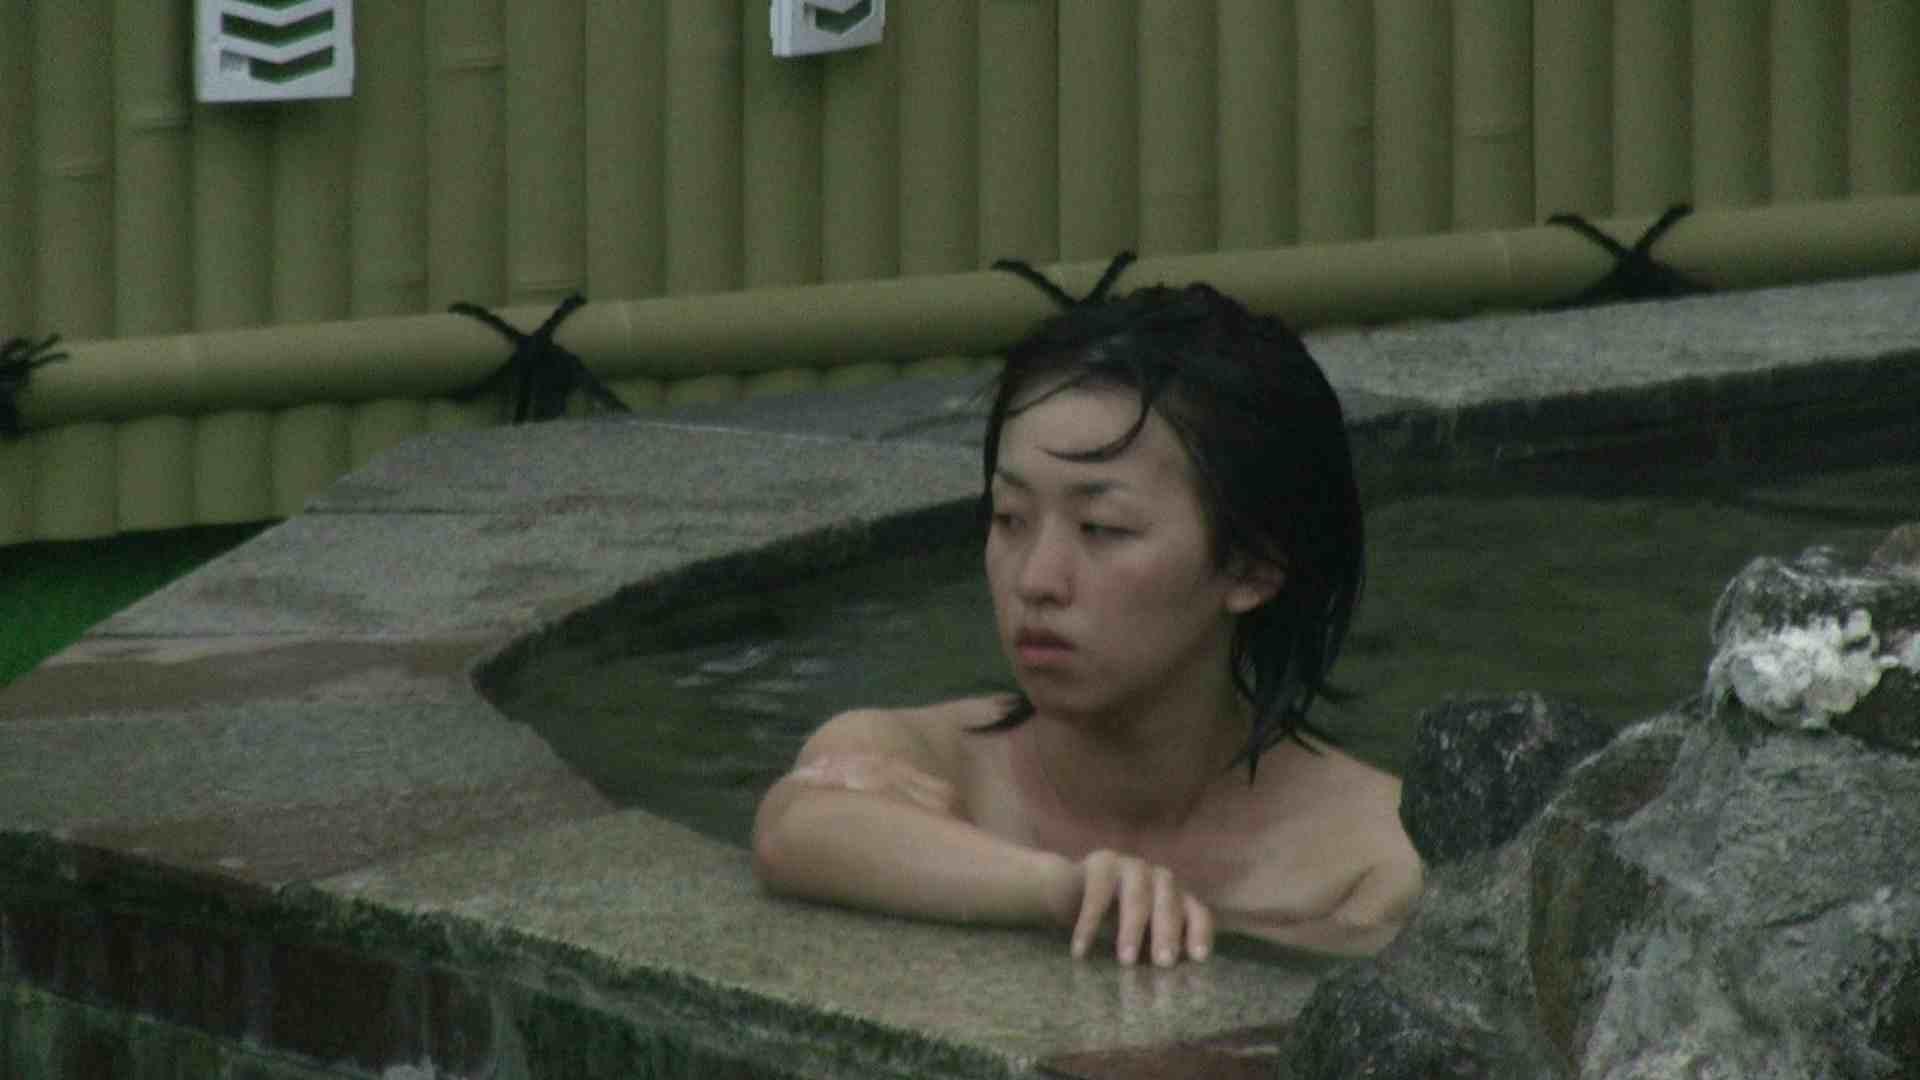 Aquaな露天風呂Vol.170 盗撮  54画像 42